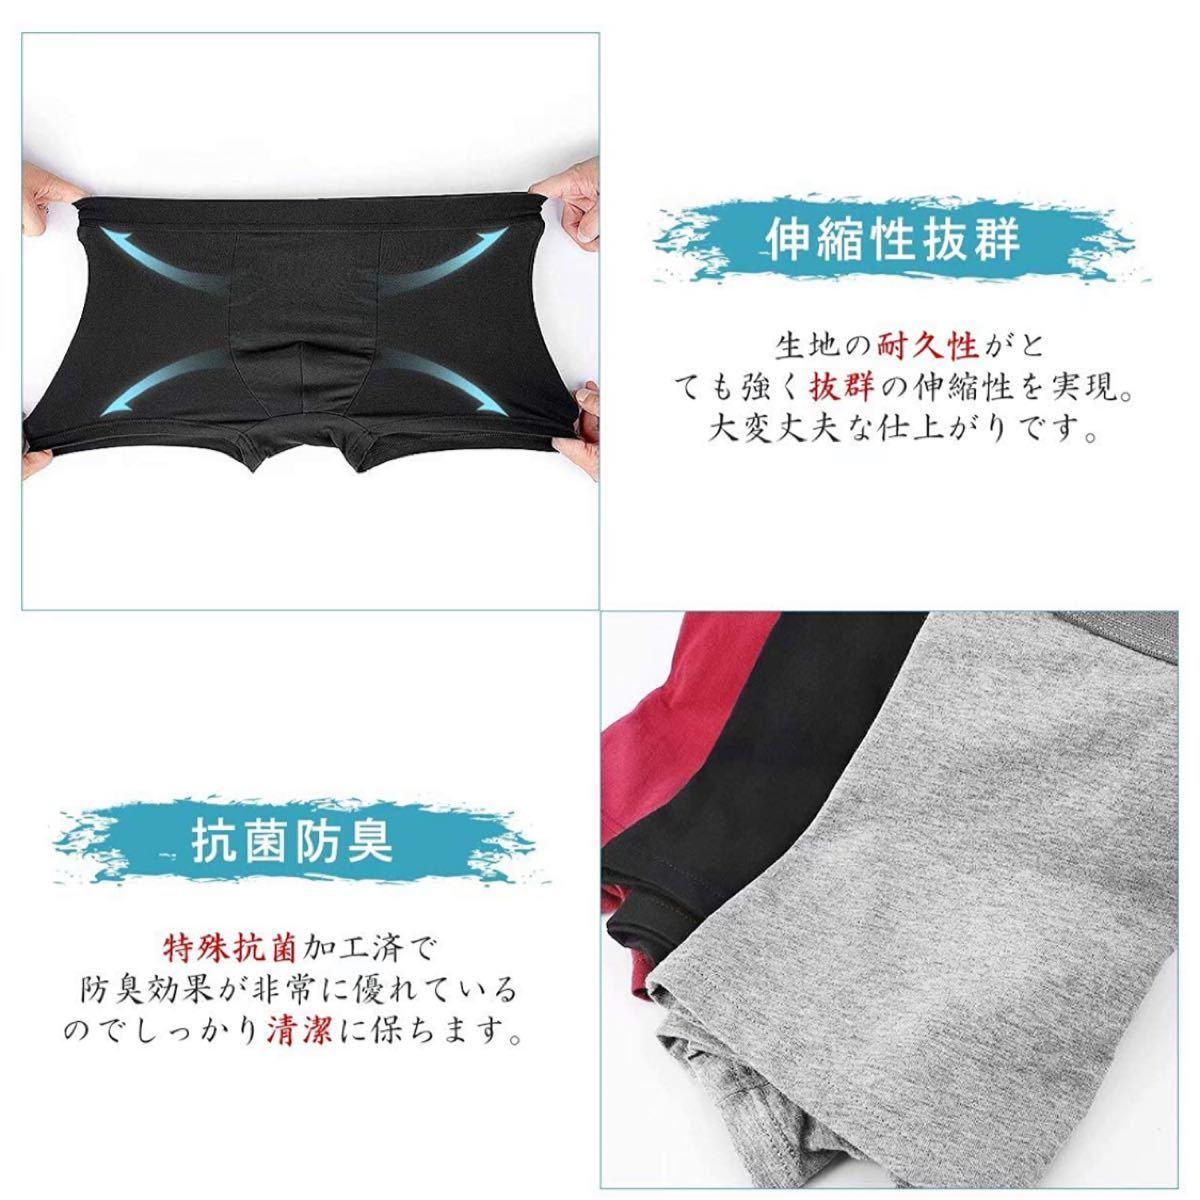 ボクサーパンツ メンズ 綿 下着 4枚 セット ボクサーブリーフ ローライズ 吸水速乾